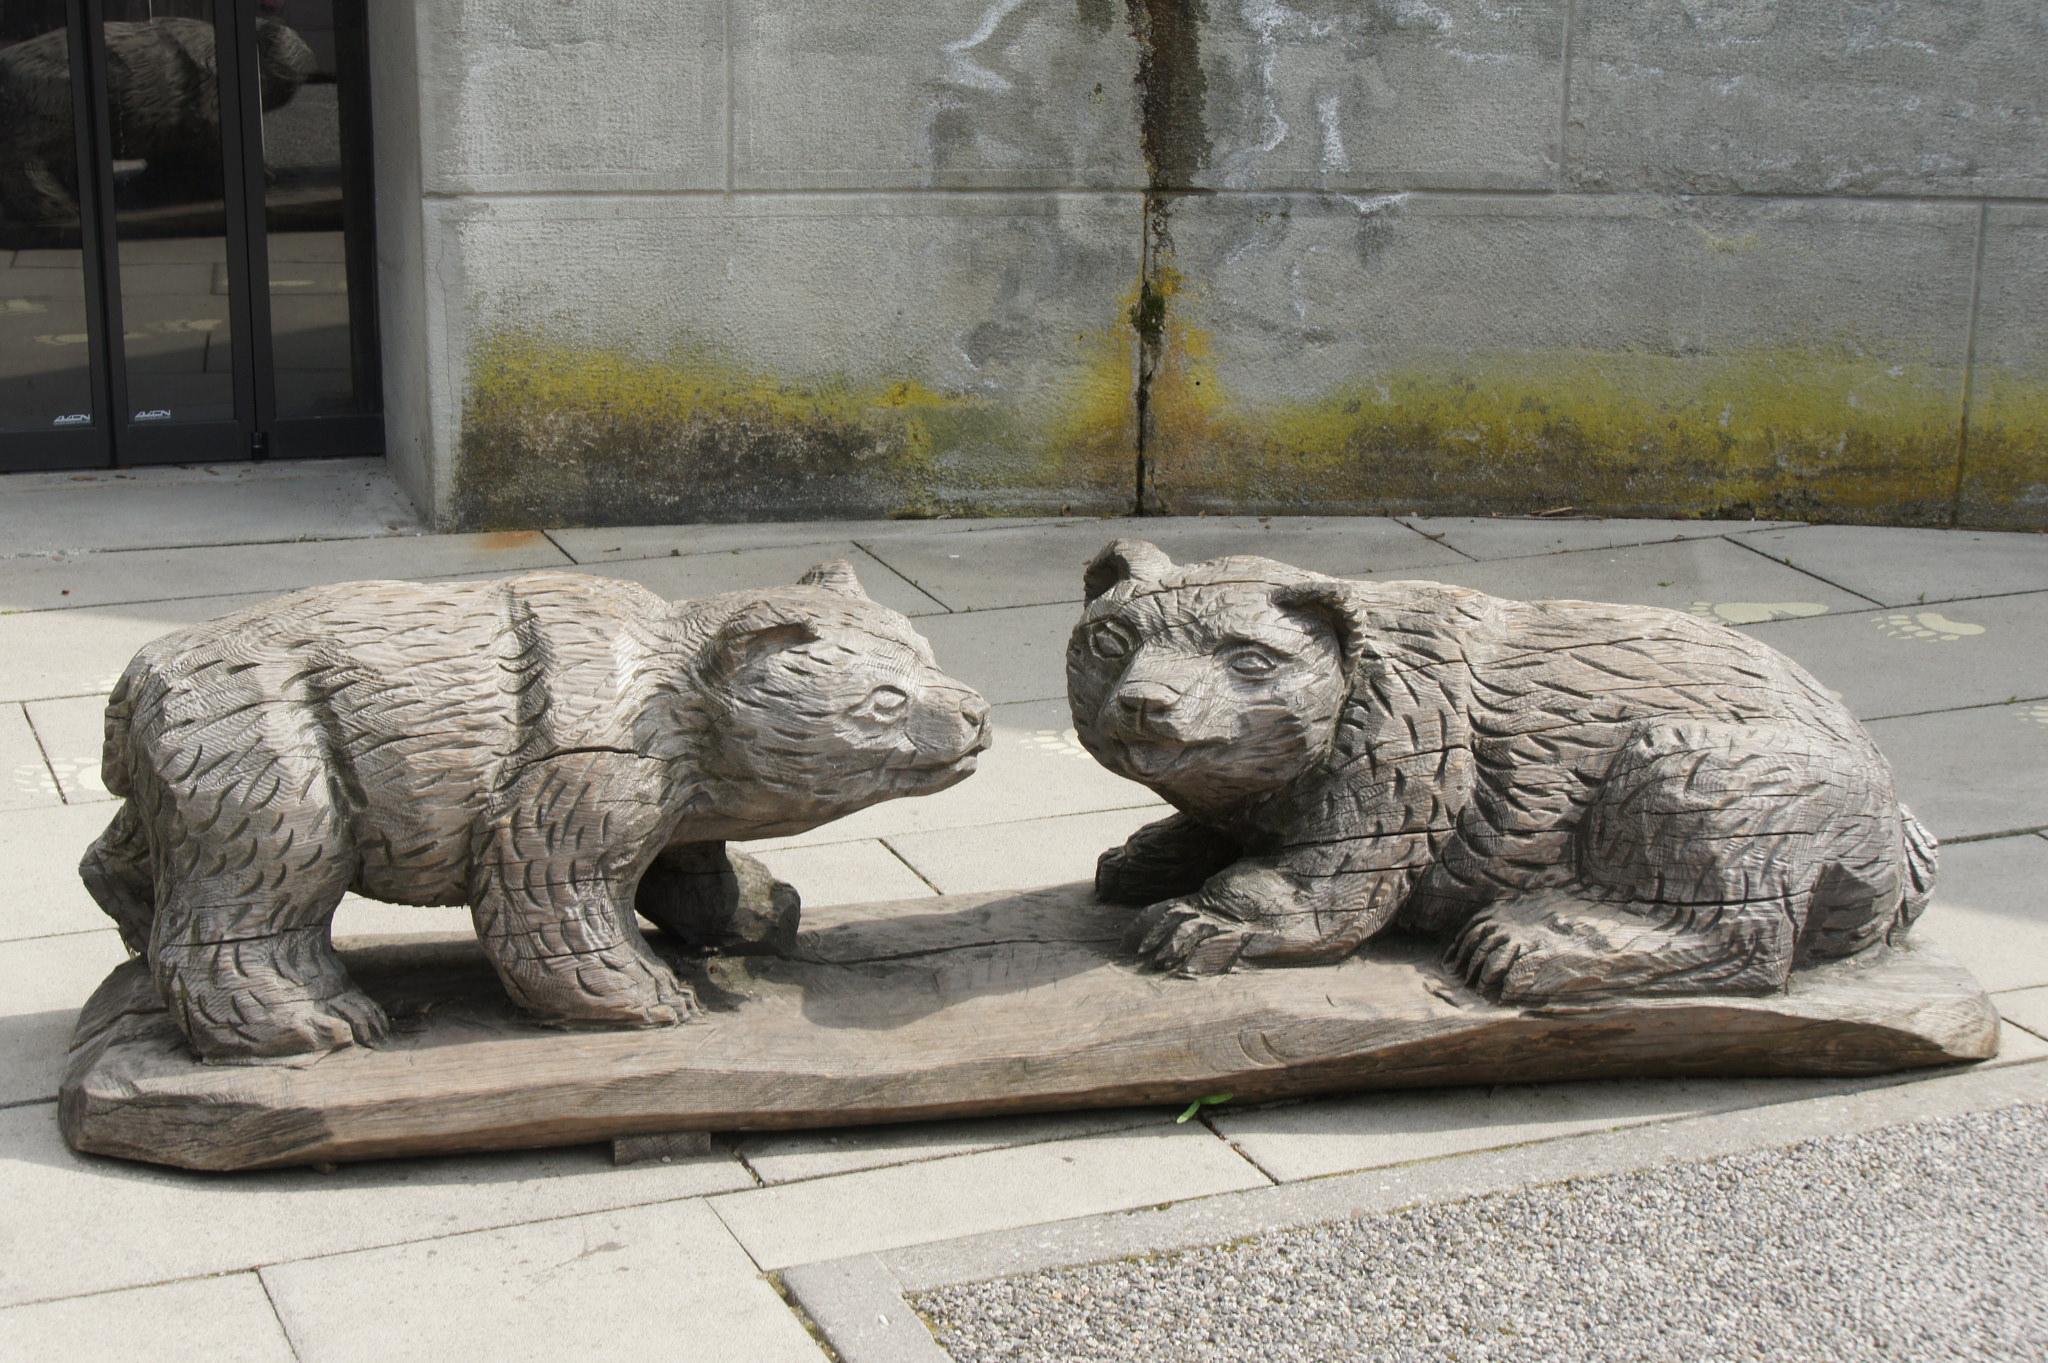 Деревянная скульптура в Медвежьем парке, Берн